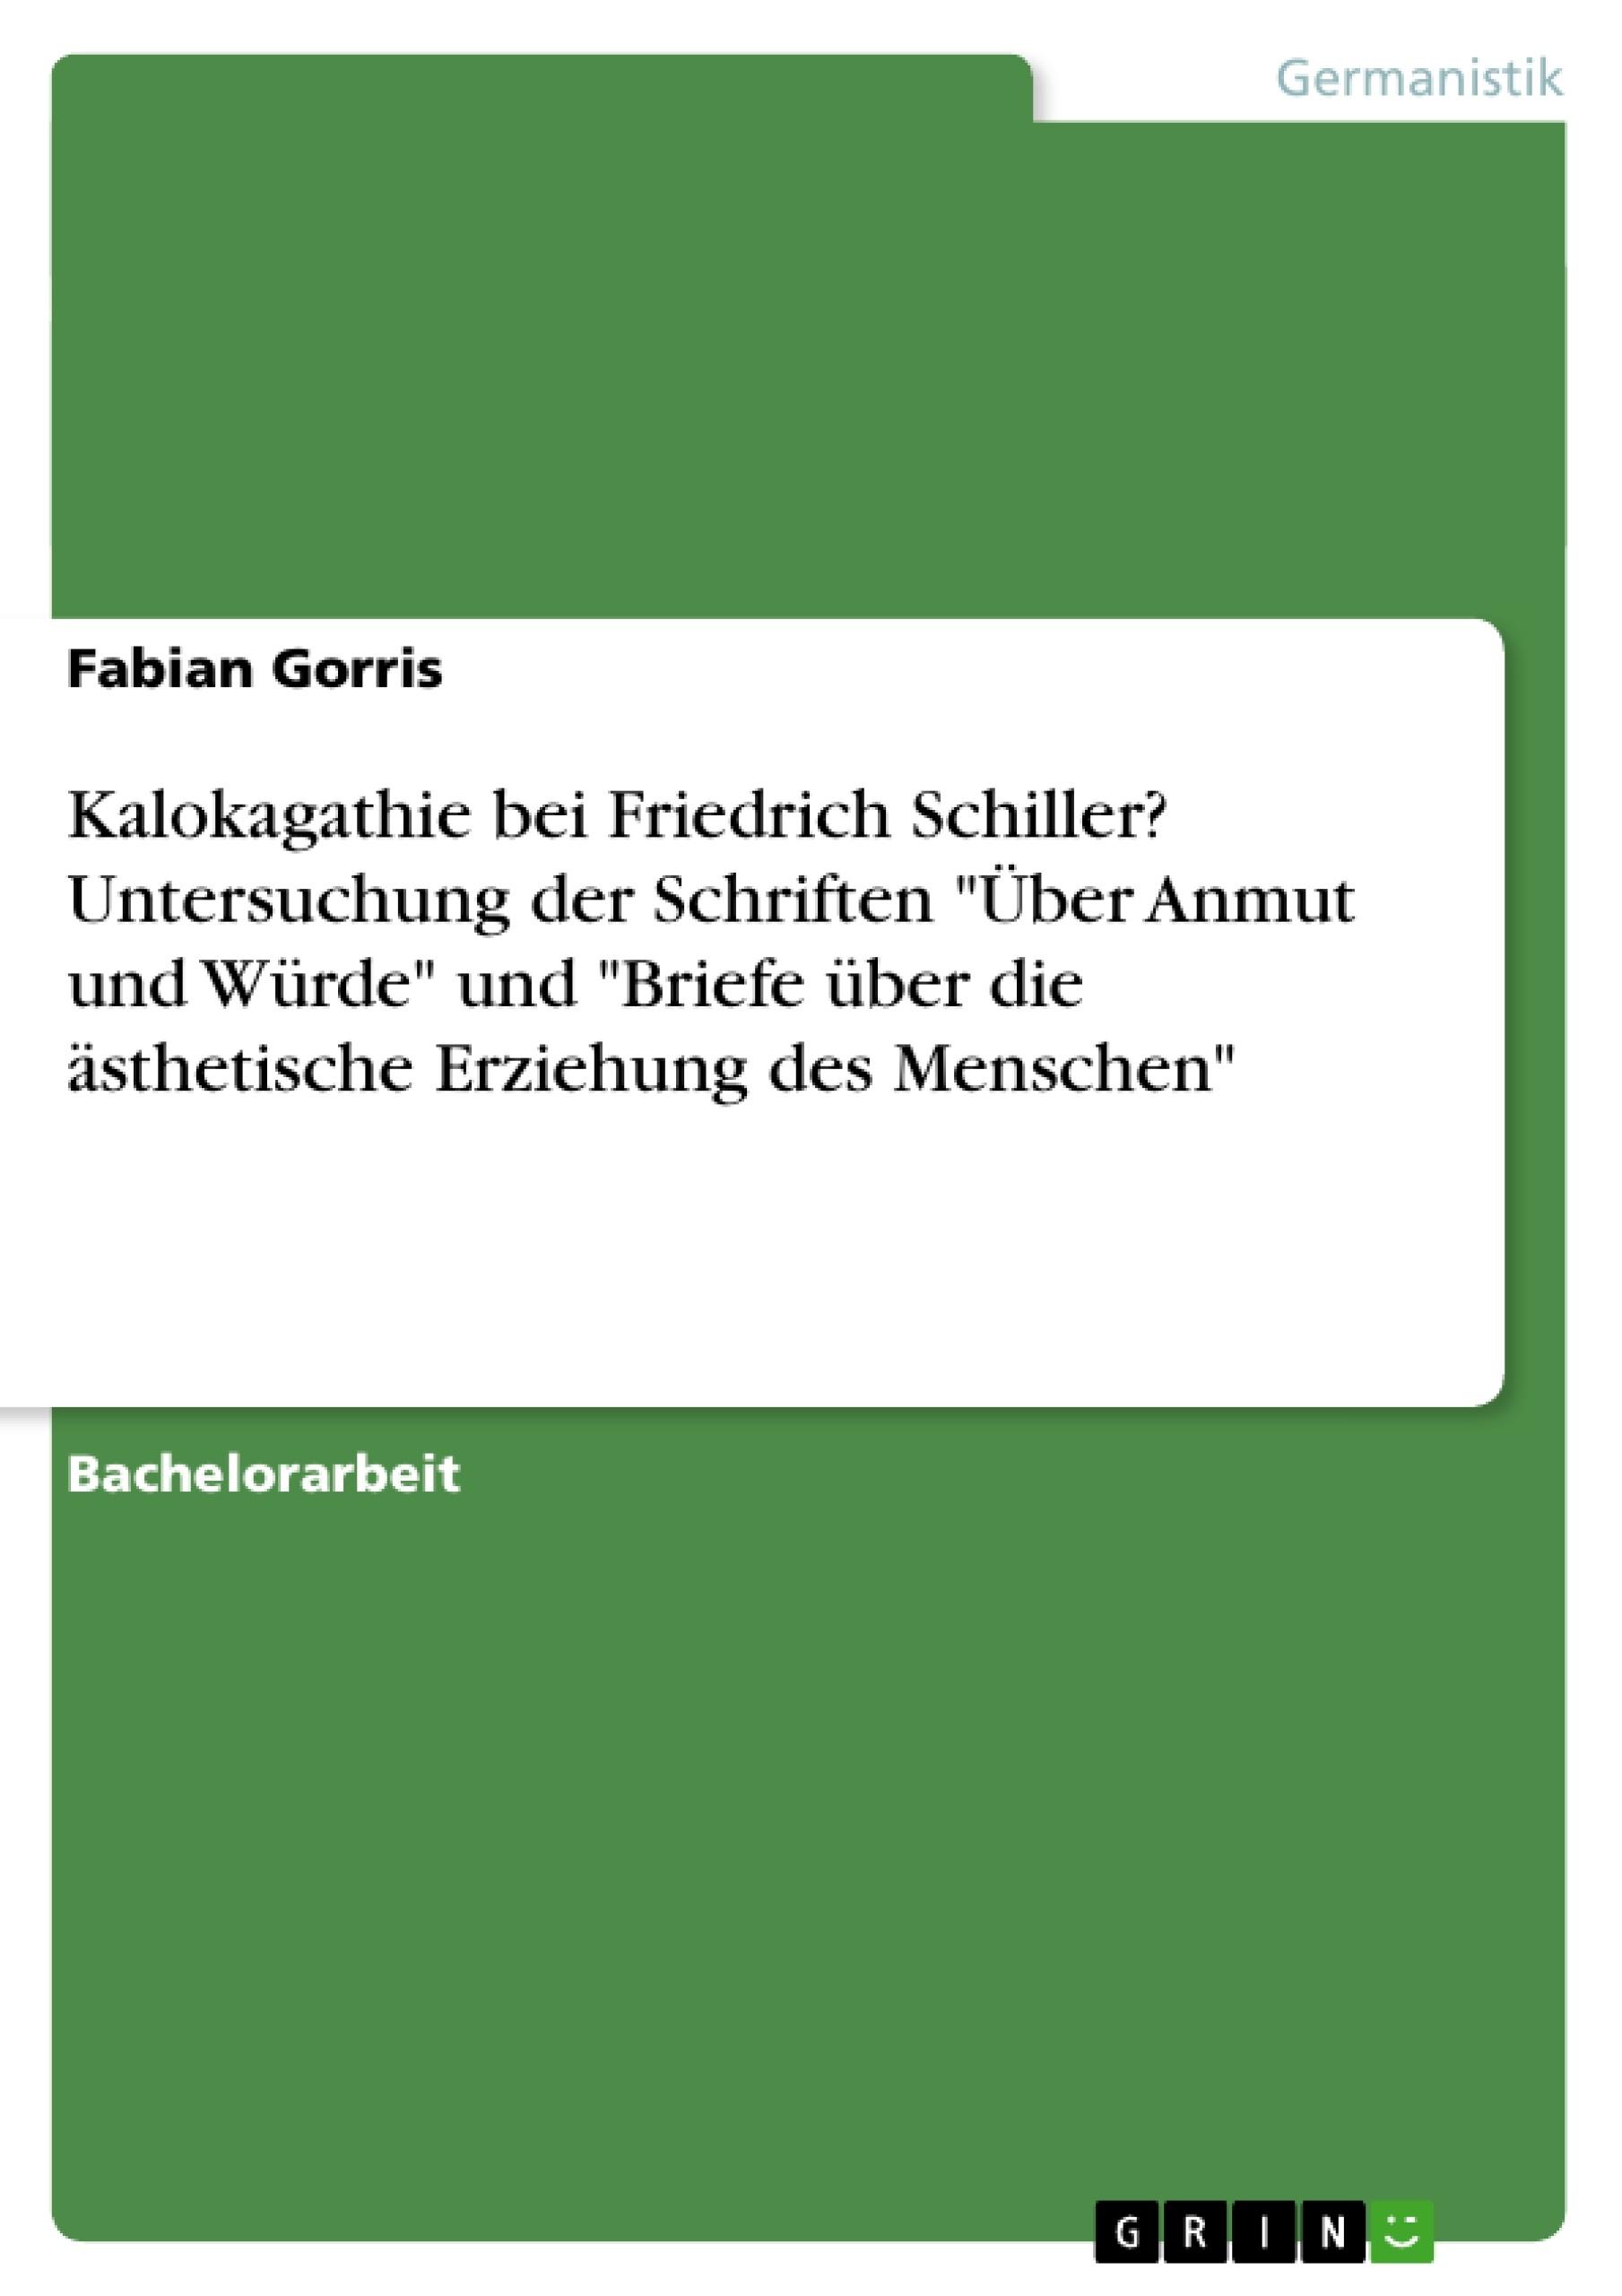 """Titel: Kalokagathie bei Friedrich Schiller? Untersuchung der Schriften """"Über Anmut und Würde"""" und """"Briefe über die ästhetische Erziehung des Menschen"""""""